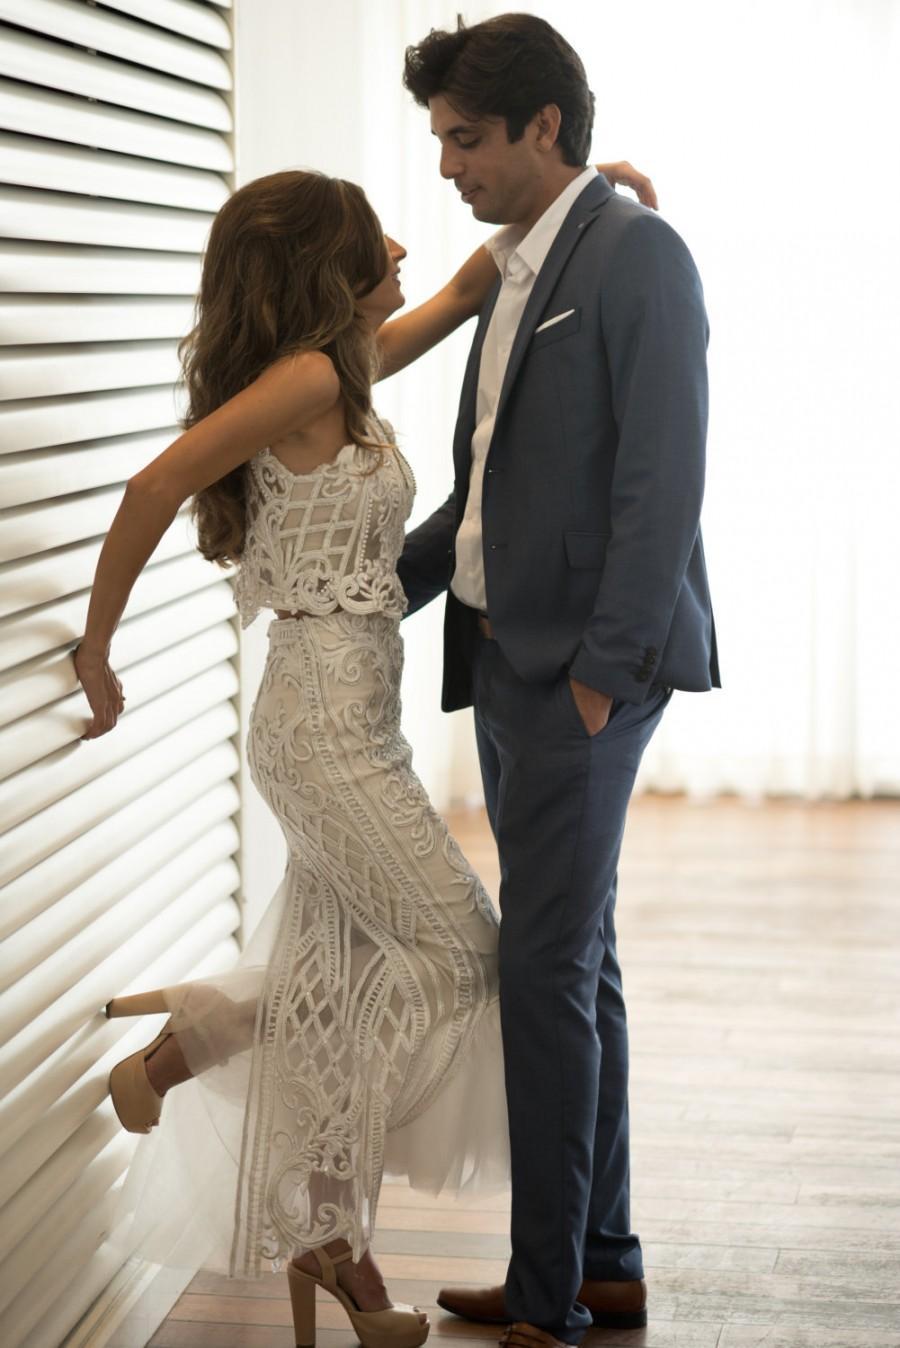 short summer wedding dresses short beach wedding dress short wedding dresses for brides in summer